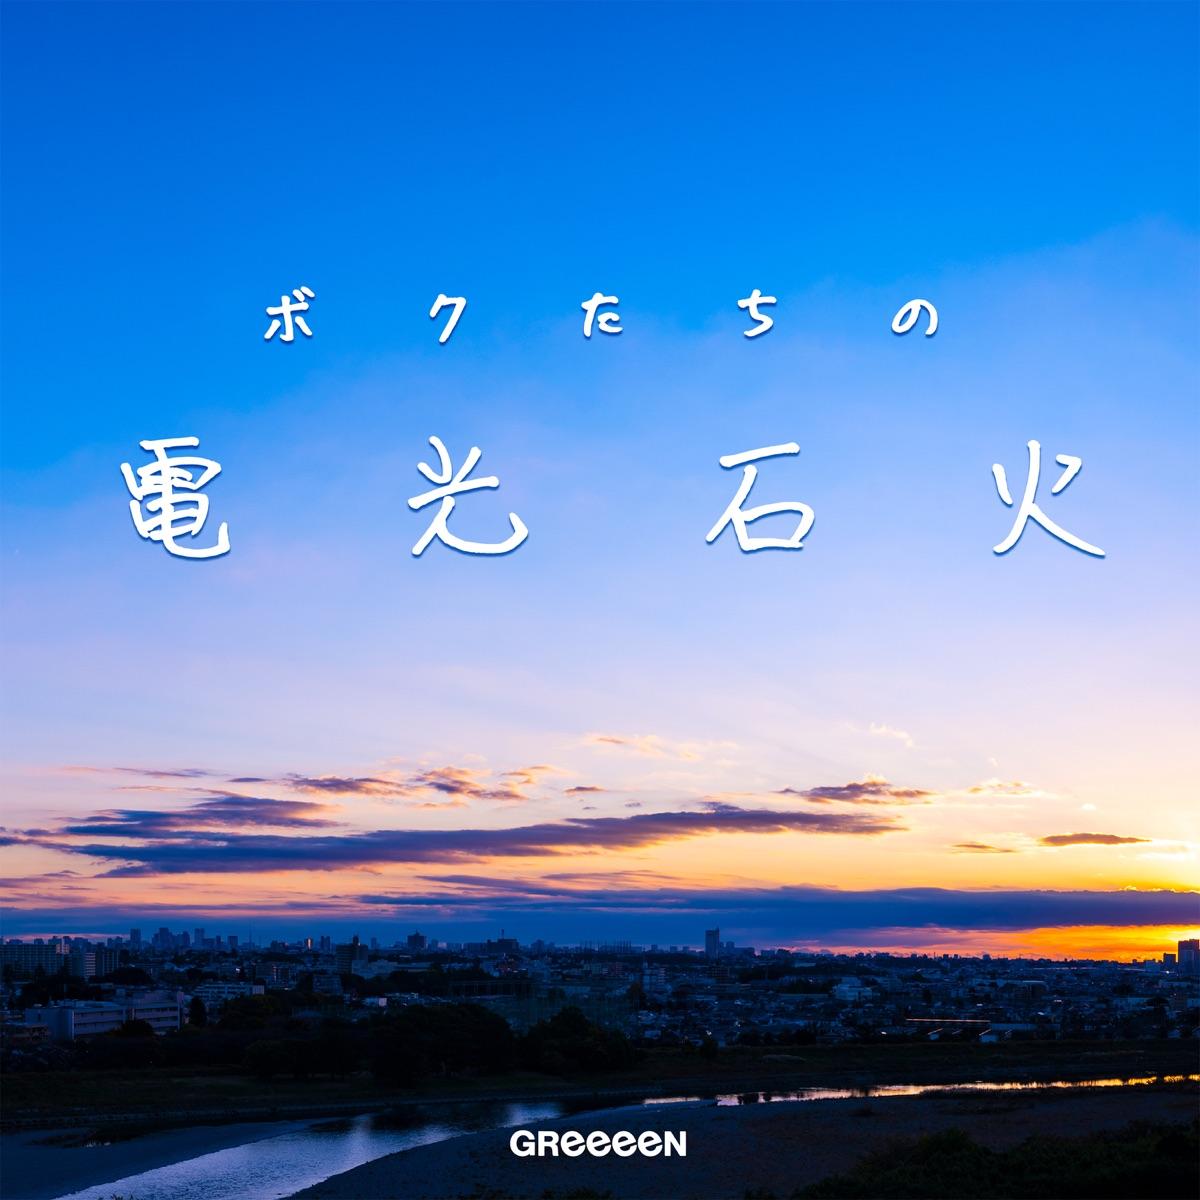 『GReeeeN - ゆらゆら 歌詞』収録の『ゆらゆら』ジャケット